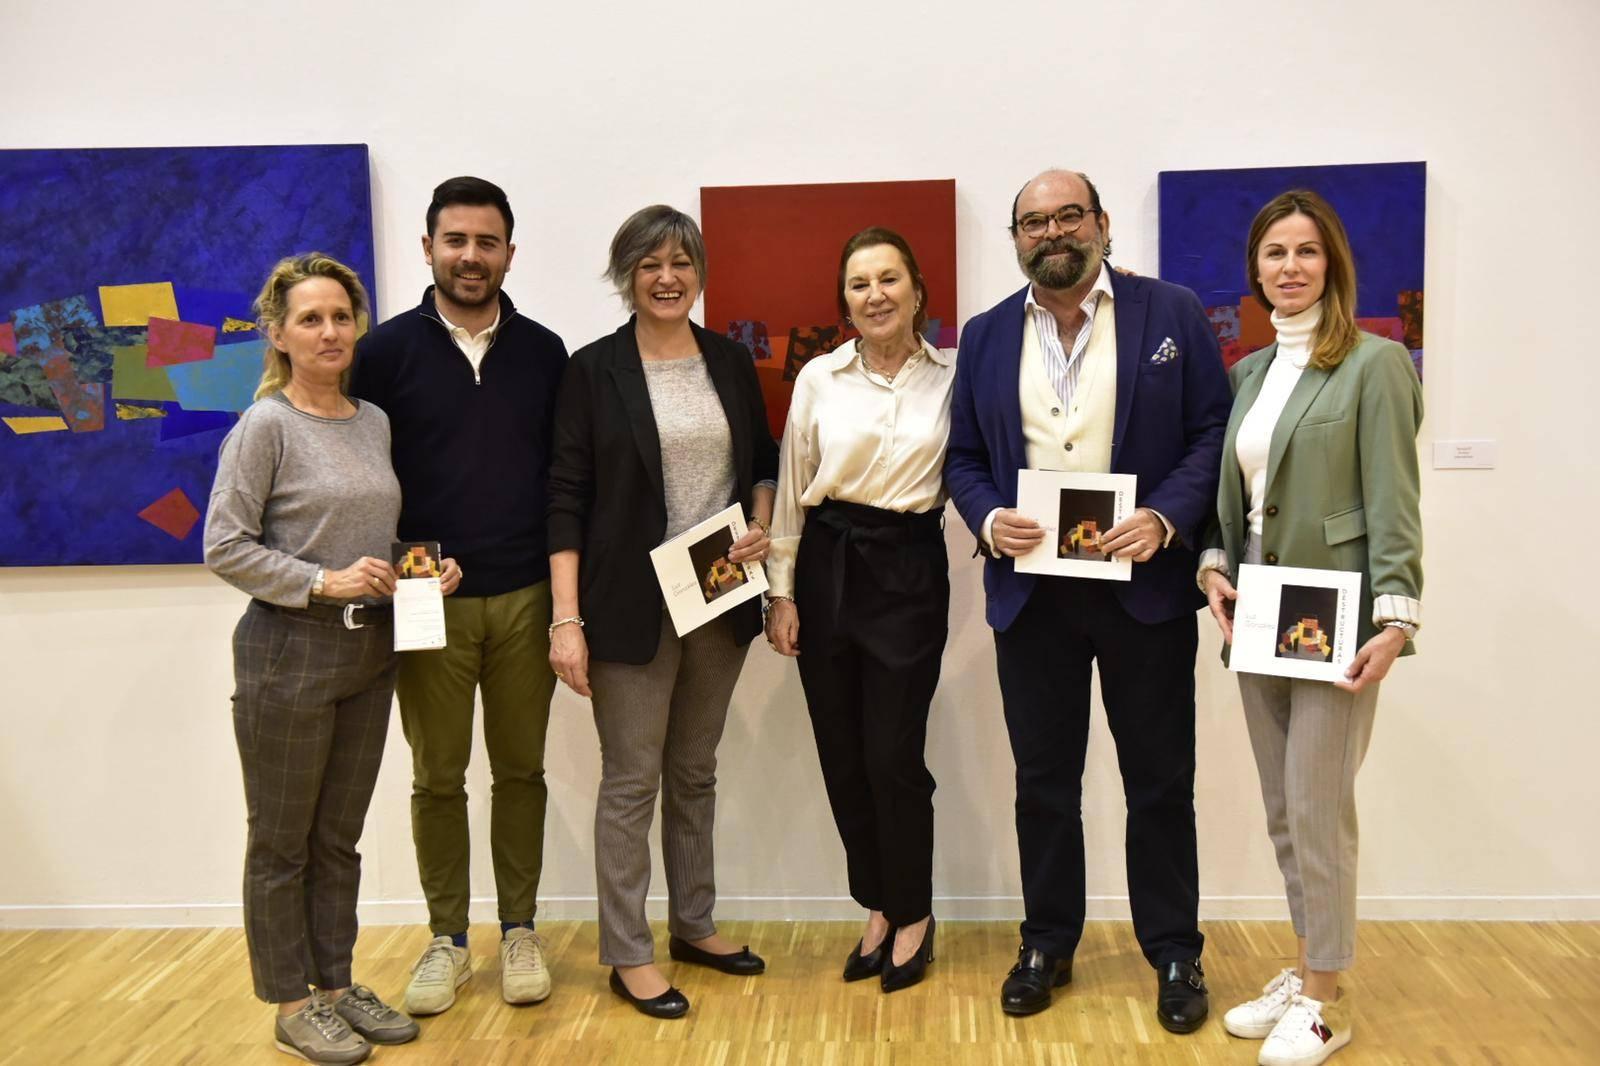 La artista Luz González junto al concejal de Cultura, Jesús Fernando Agudo y concejales de la Corporación Municipal.